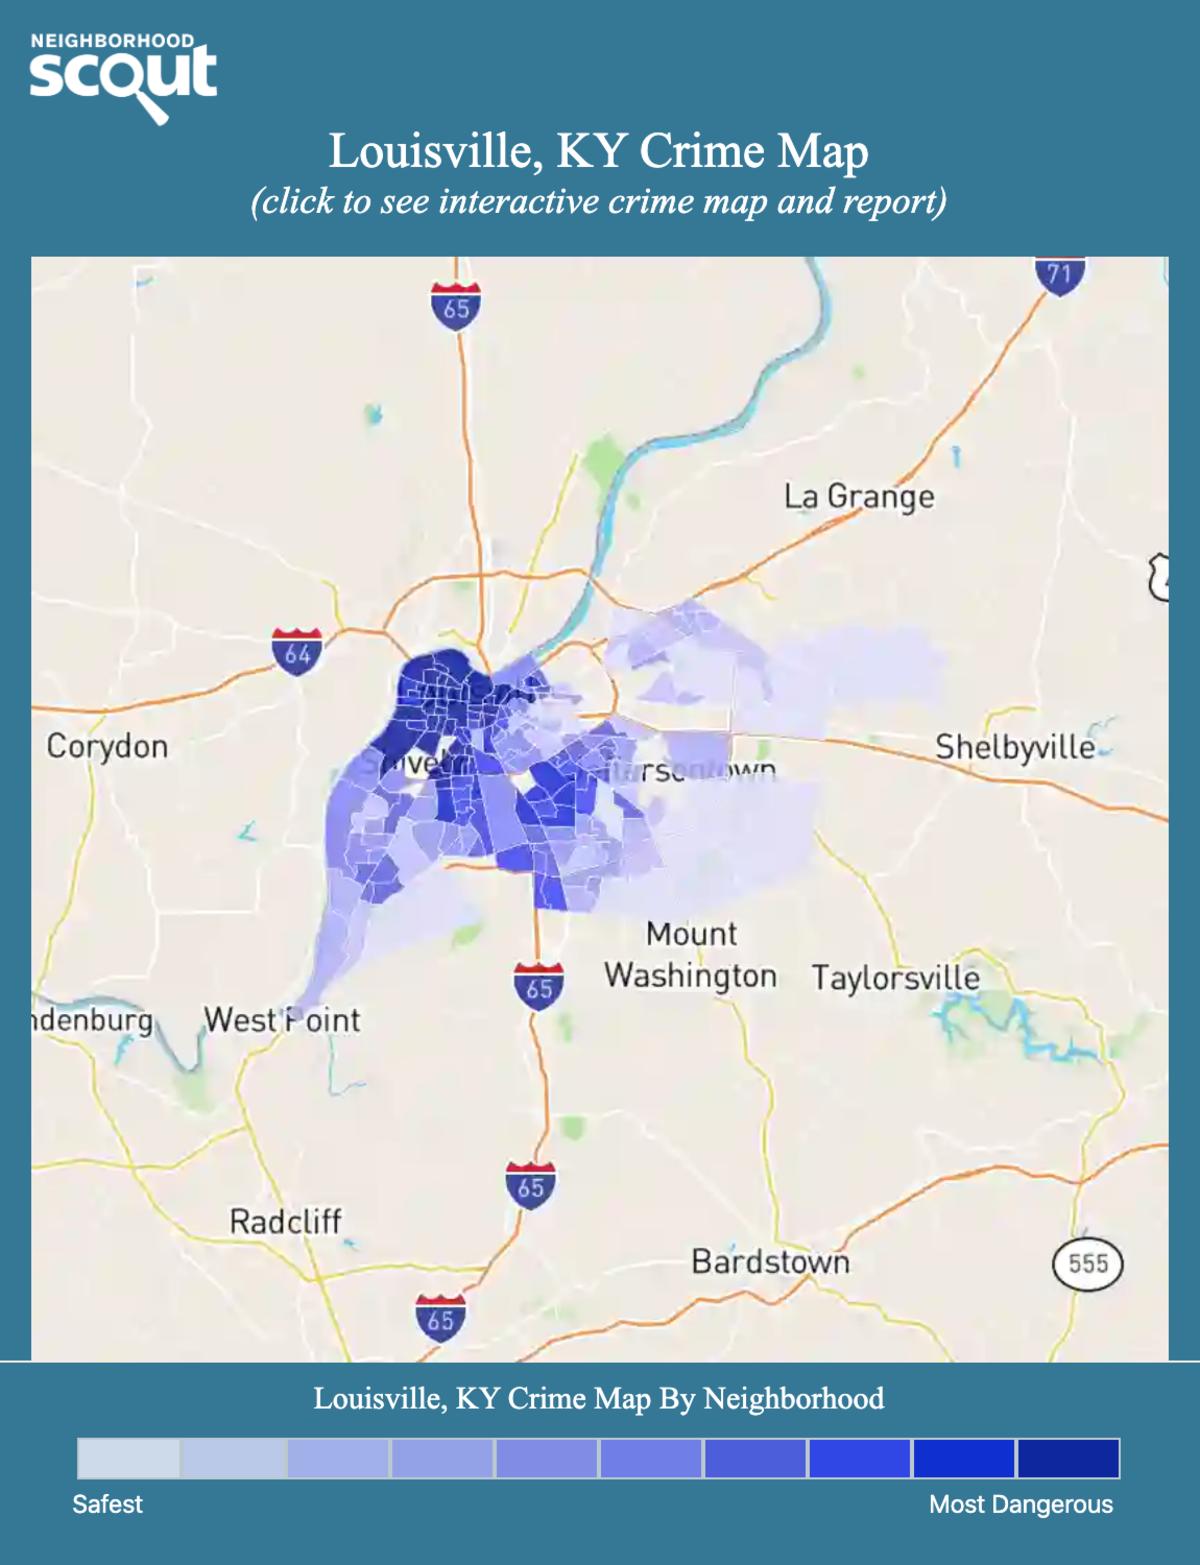 Louisville, Kentucky crime map